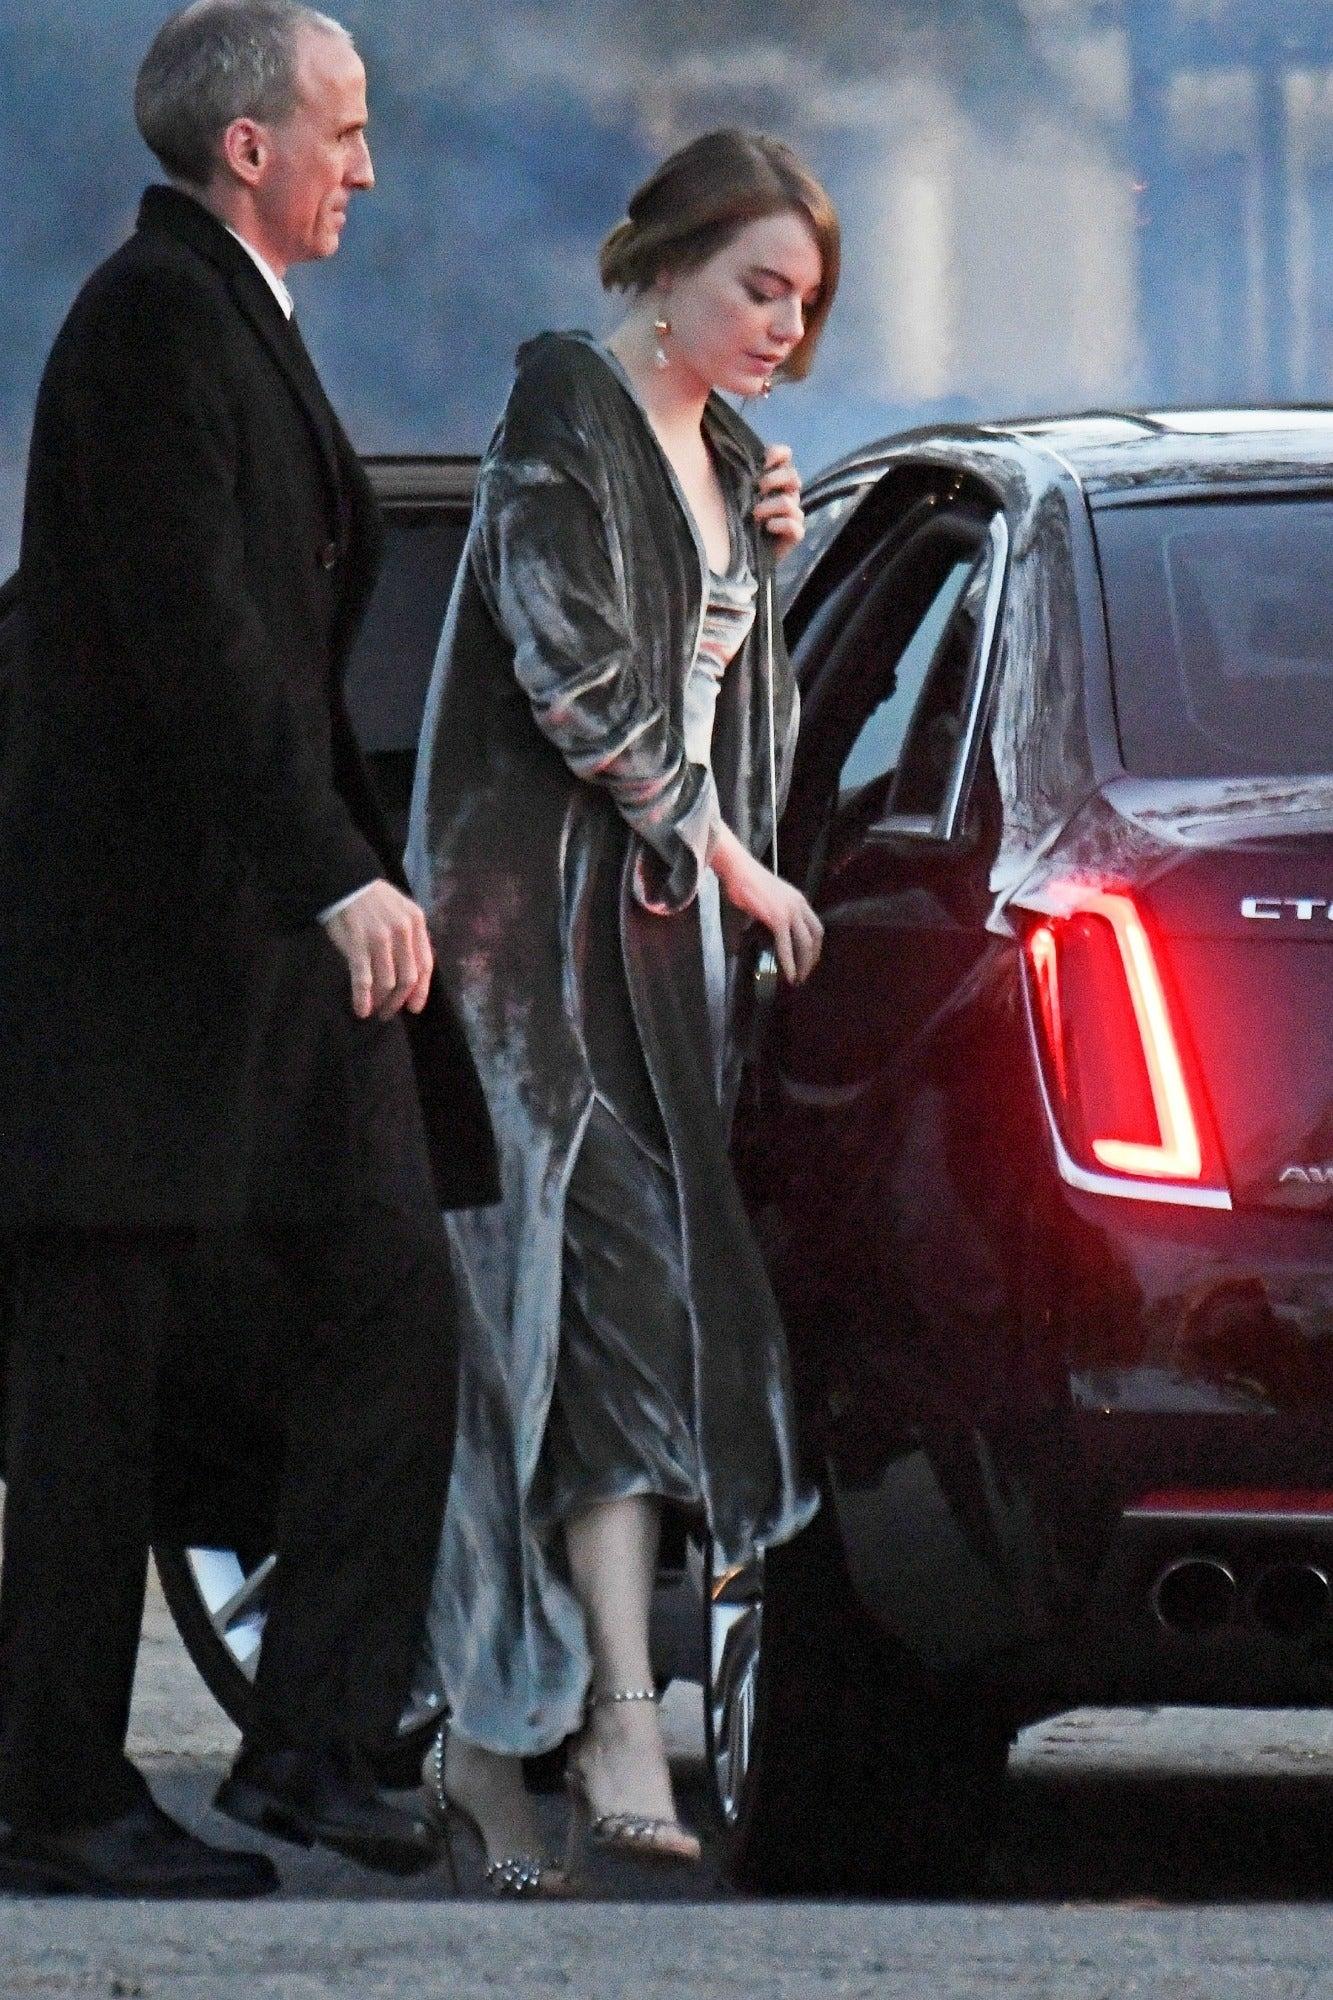 Emma Stone, Kris Jenner & More Stars Attend Jennifer Lawrence's Wedding in Rhode Island